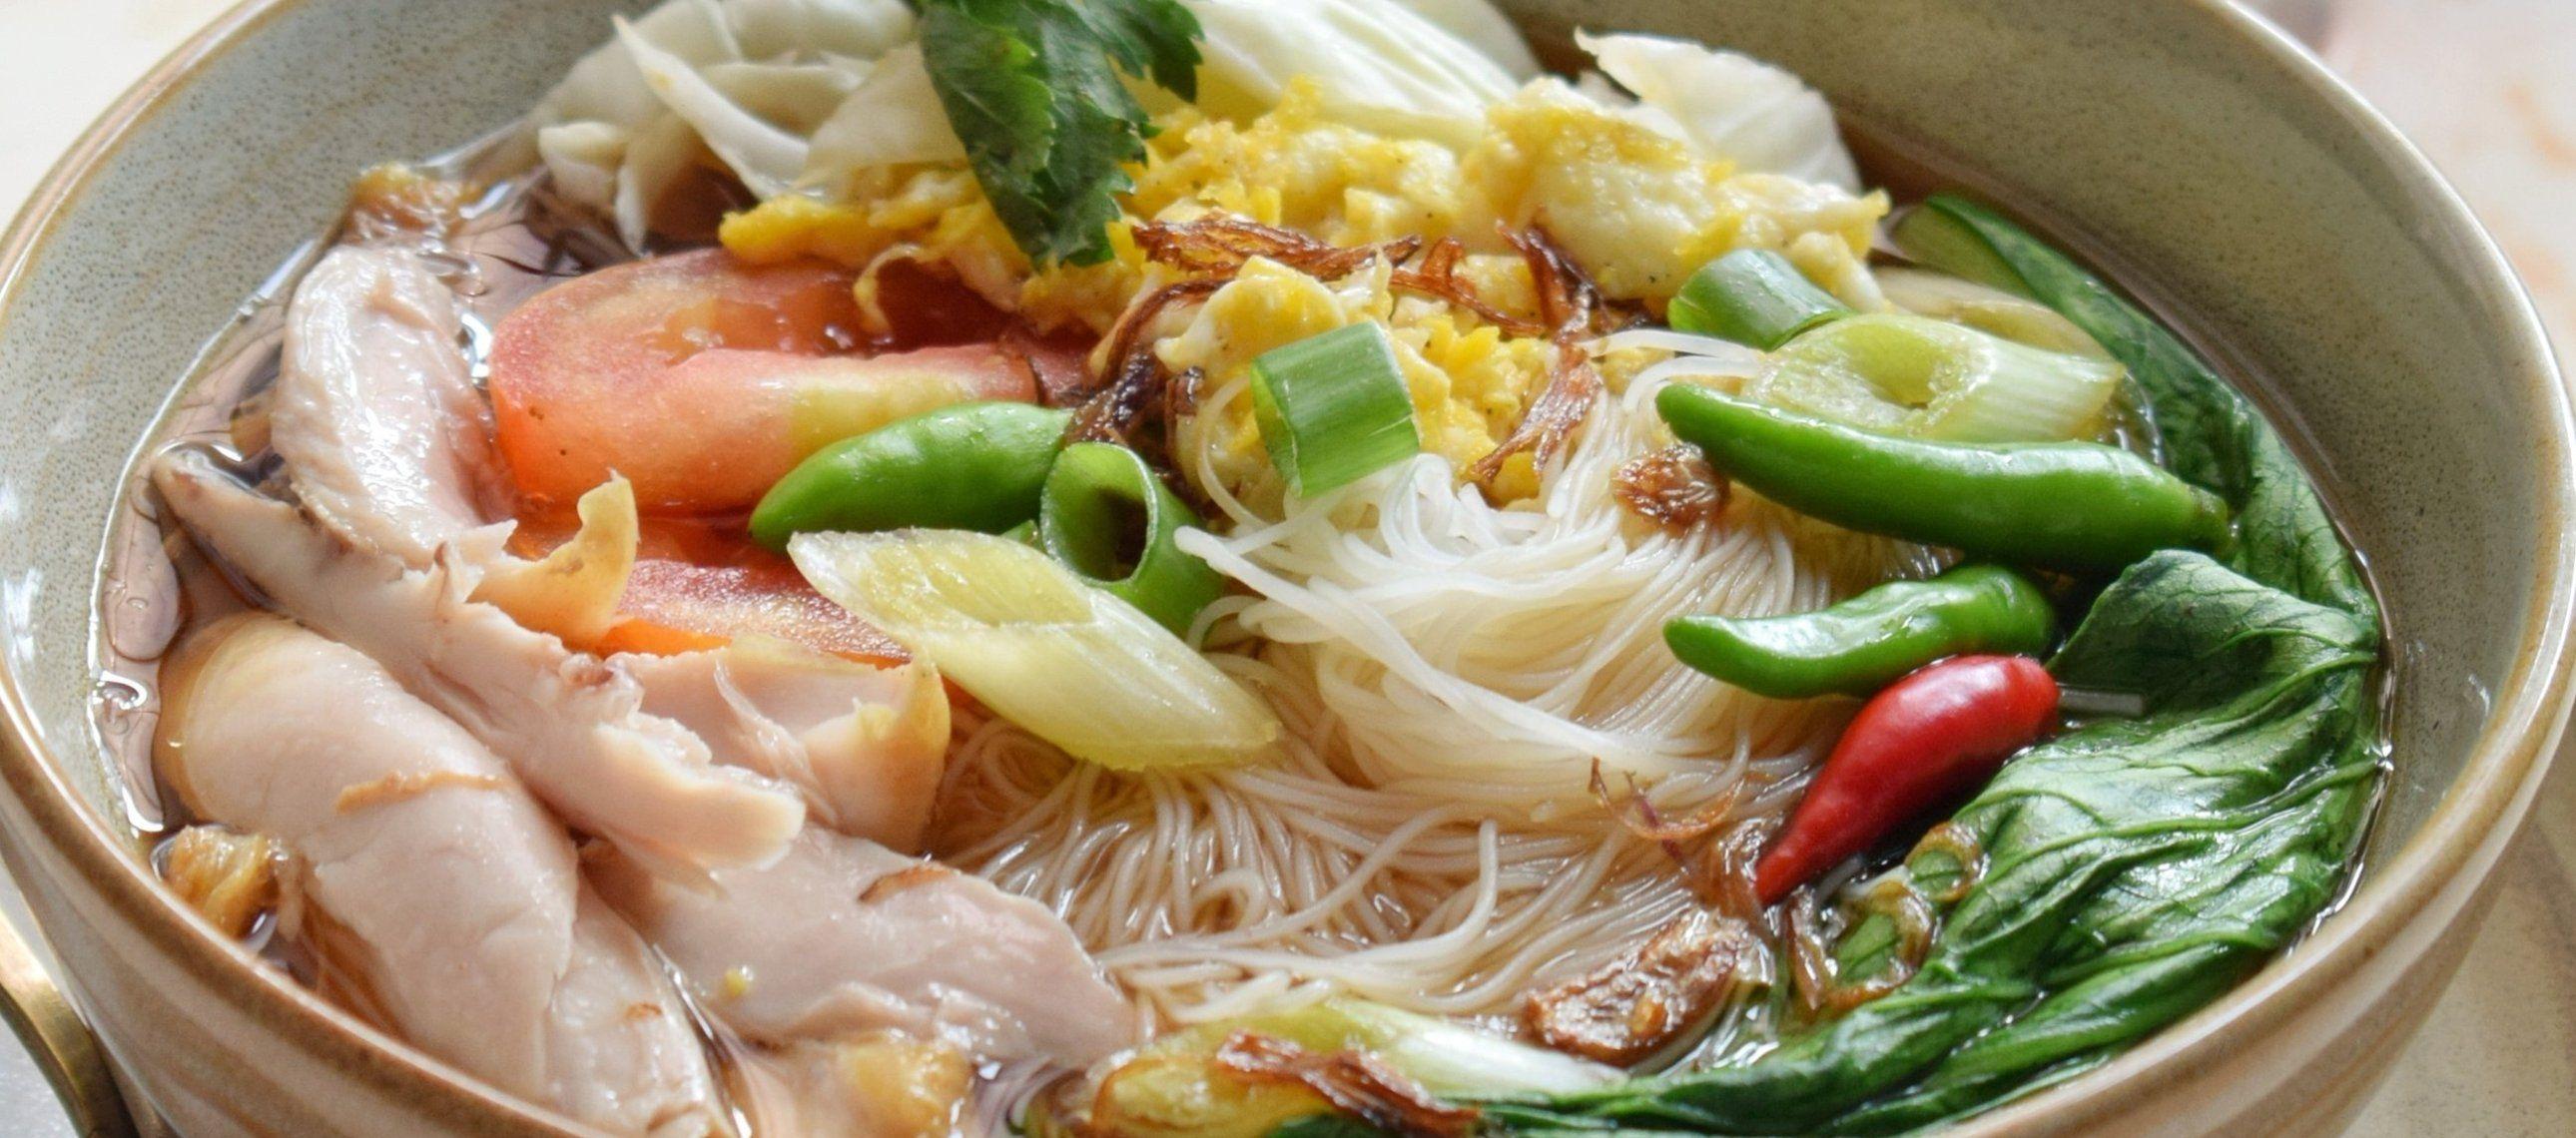 Bihun Kuah Gurih Sedap Praktis Cepat Sekejap Resep Resepkoki Resep Makan Malam Resep Makanan Resep Masakan